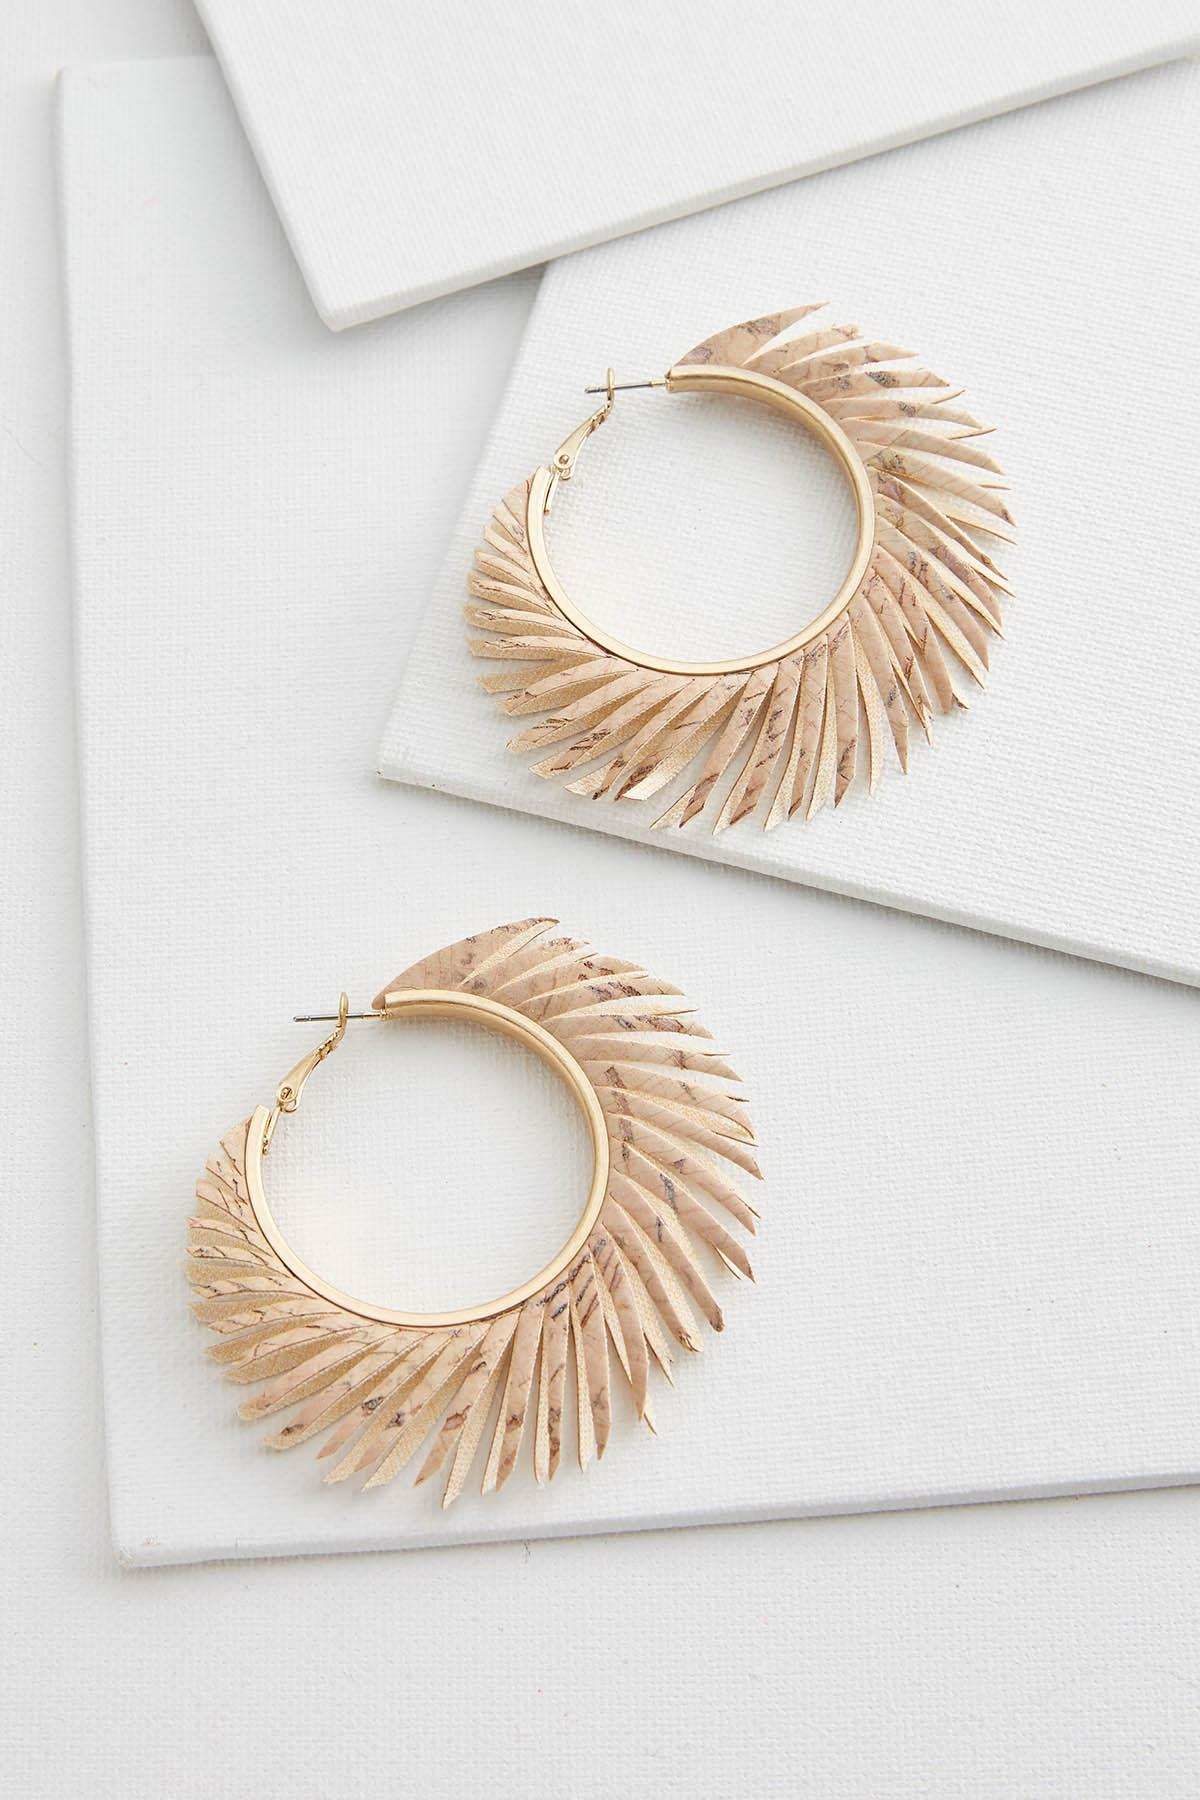 Fringe Worthy Earrings